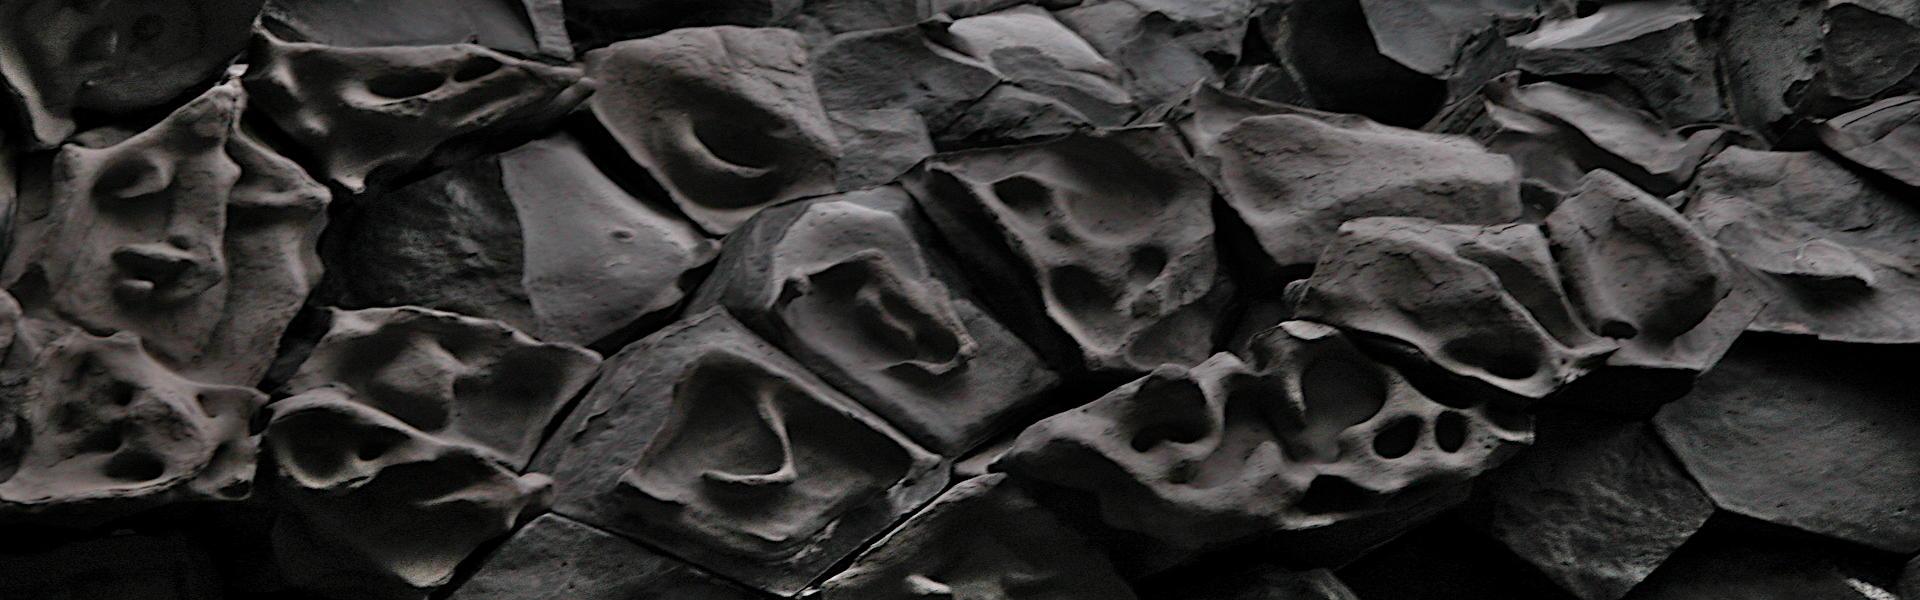 Geister-Gesichter-Island geschmolzene Basaltköpfe